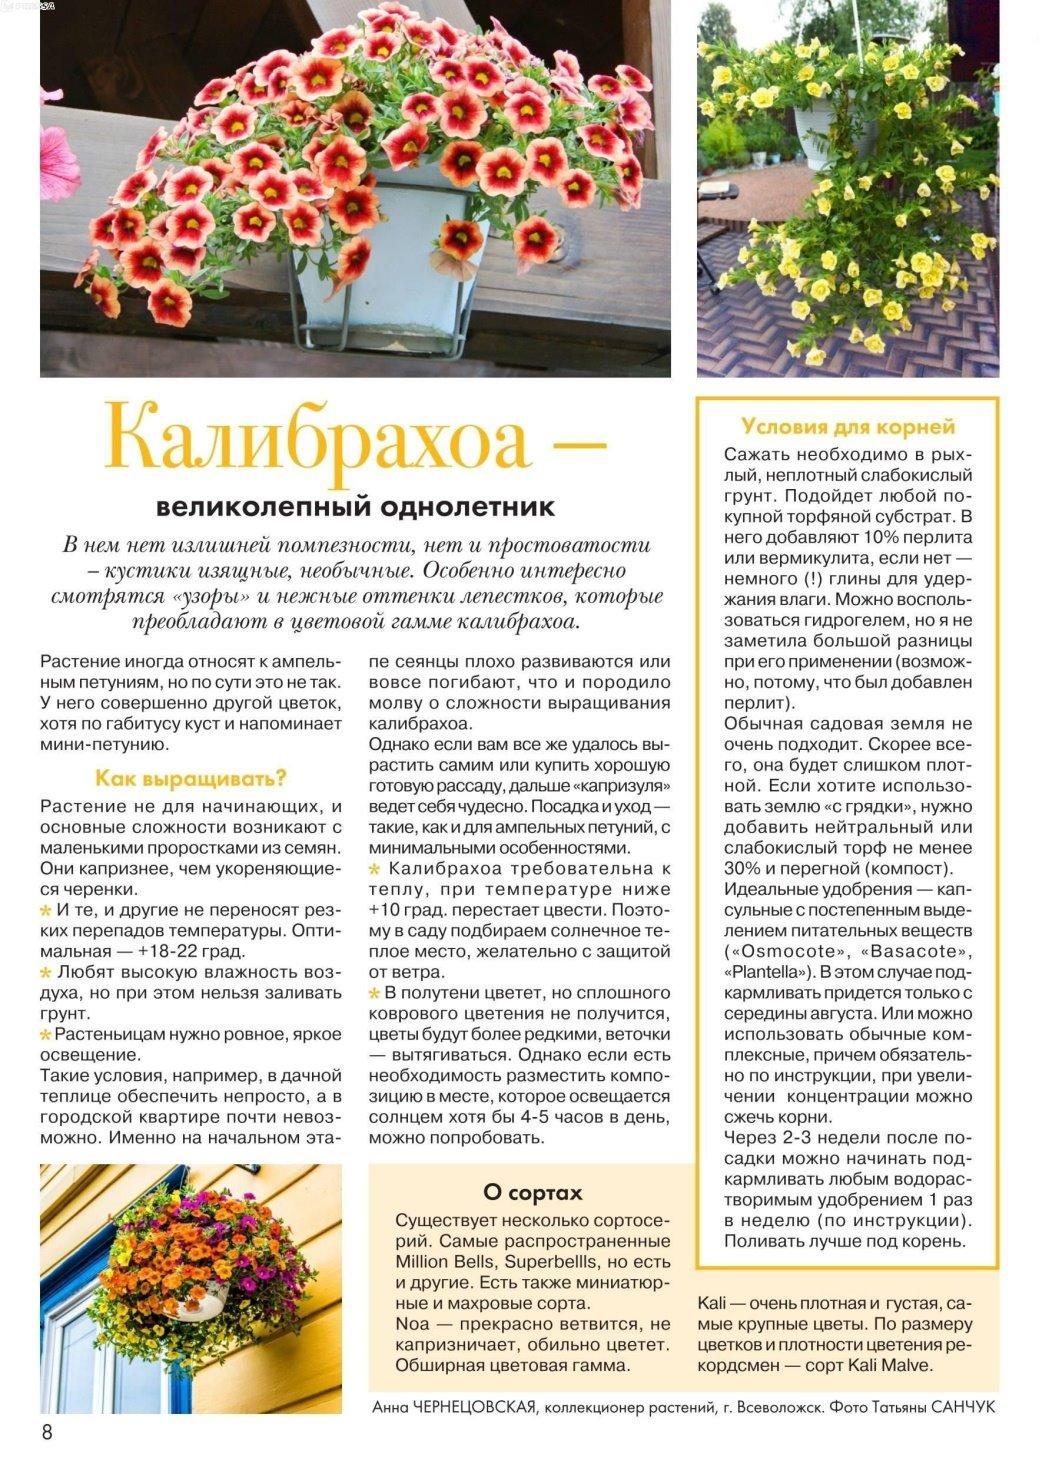 статьи о растениях из  газет и журналов - Страница 8 4697c14471e21a9291a39f7f19c868ee